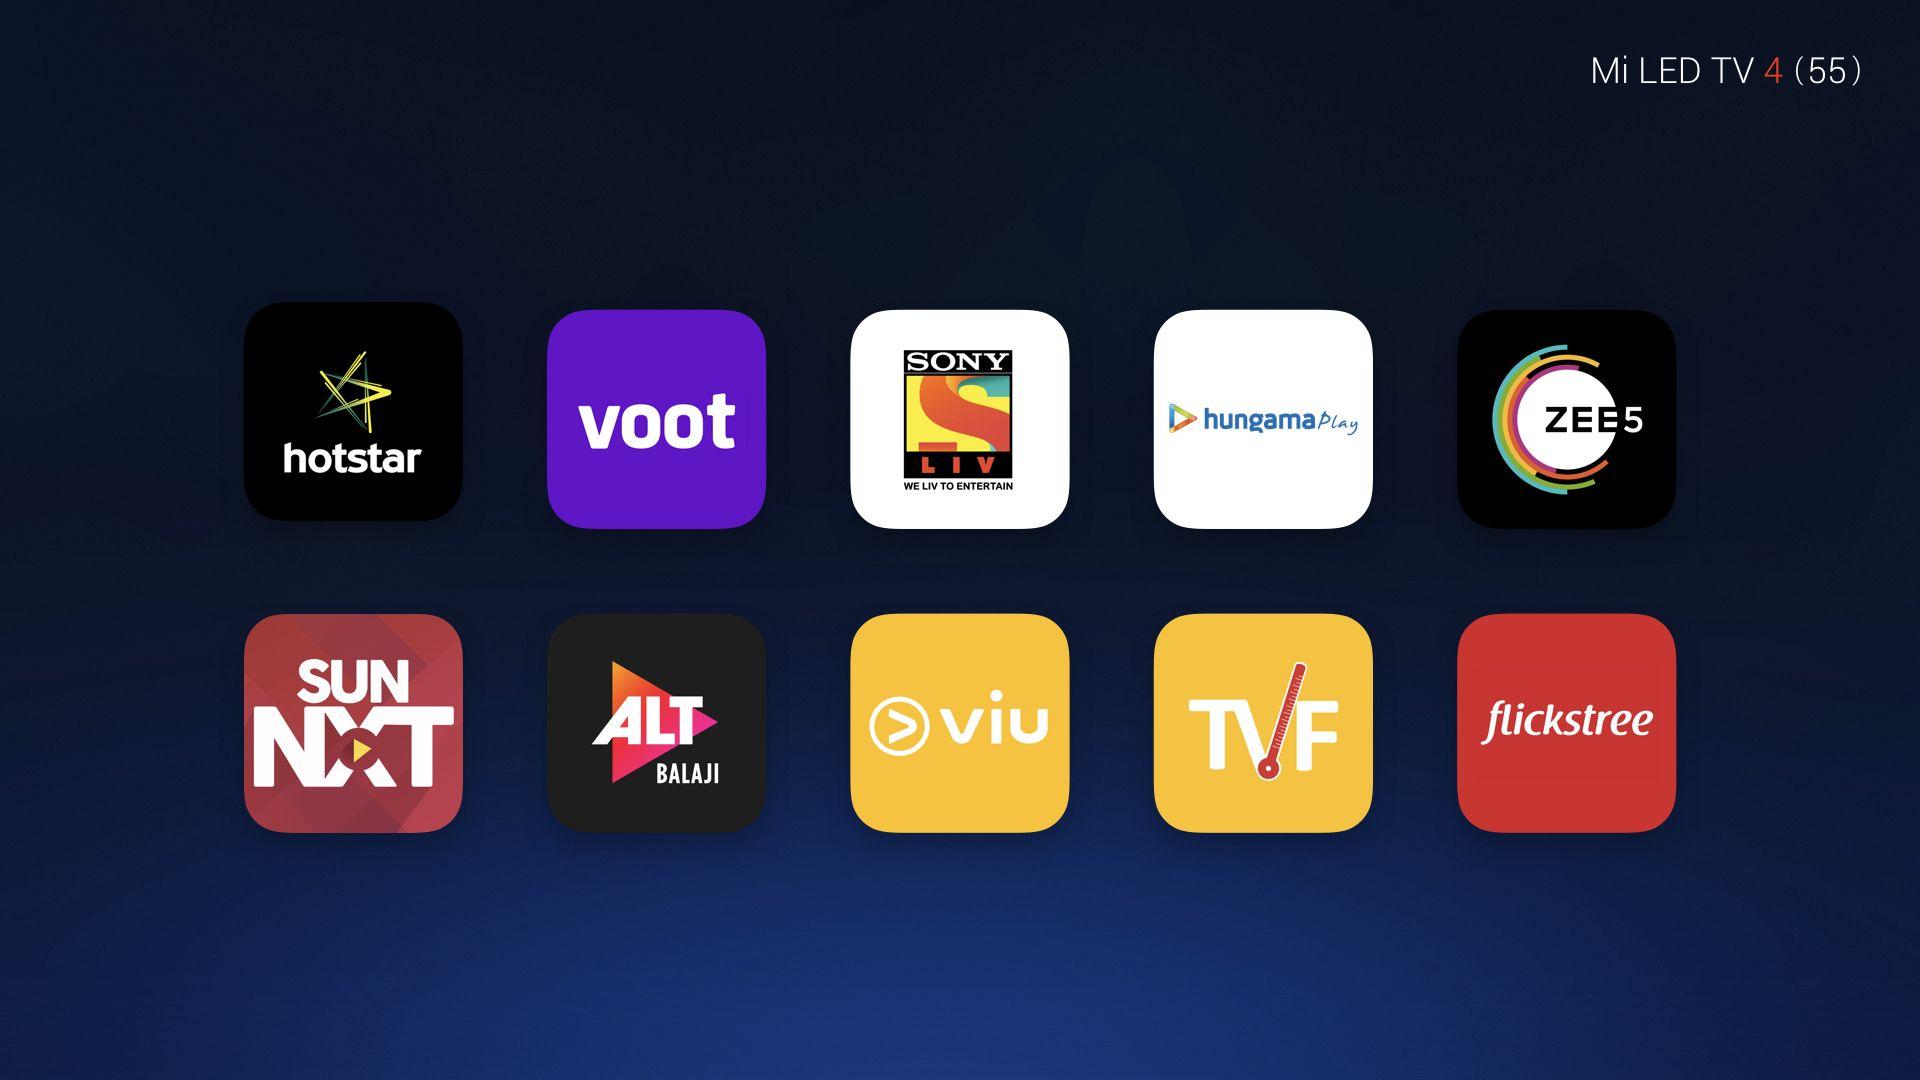 Mi TV 4 Content